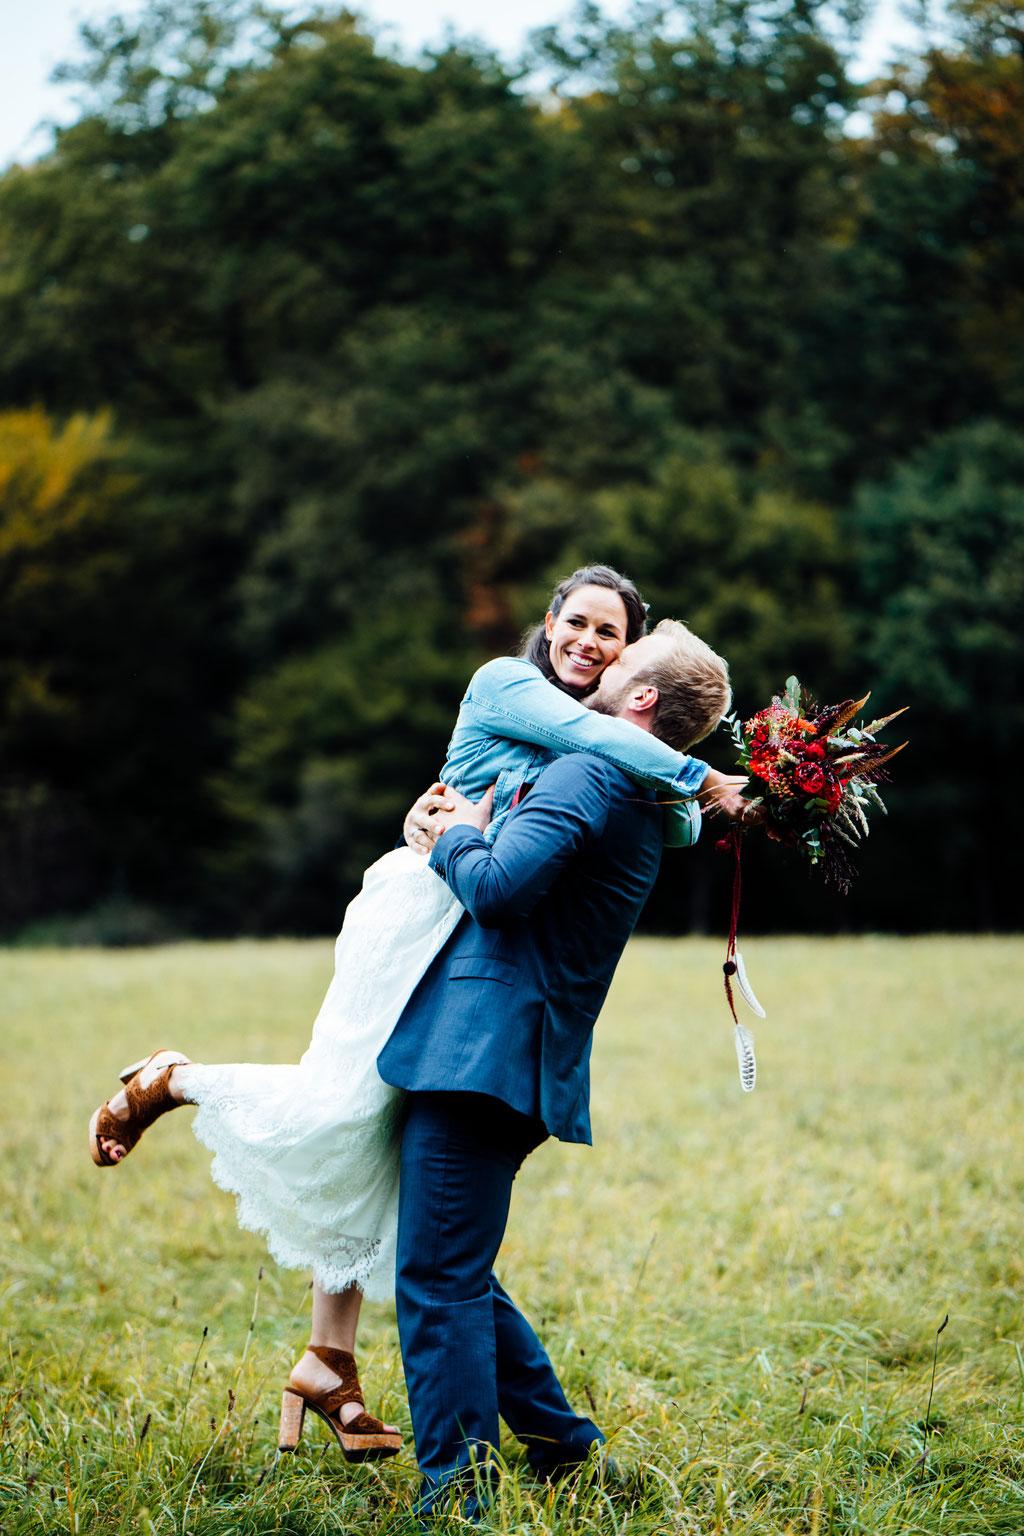 Brautpaaraufnahmen, Brautpaar, Hochzeit, Freie Trauung, Wiesbaden, Rheingau, Hubertushütte, Lentschik, Fotografin